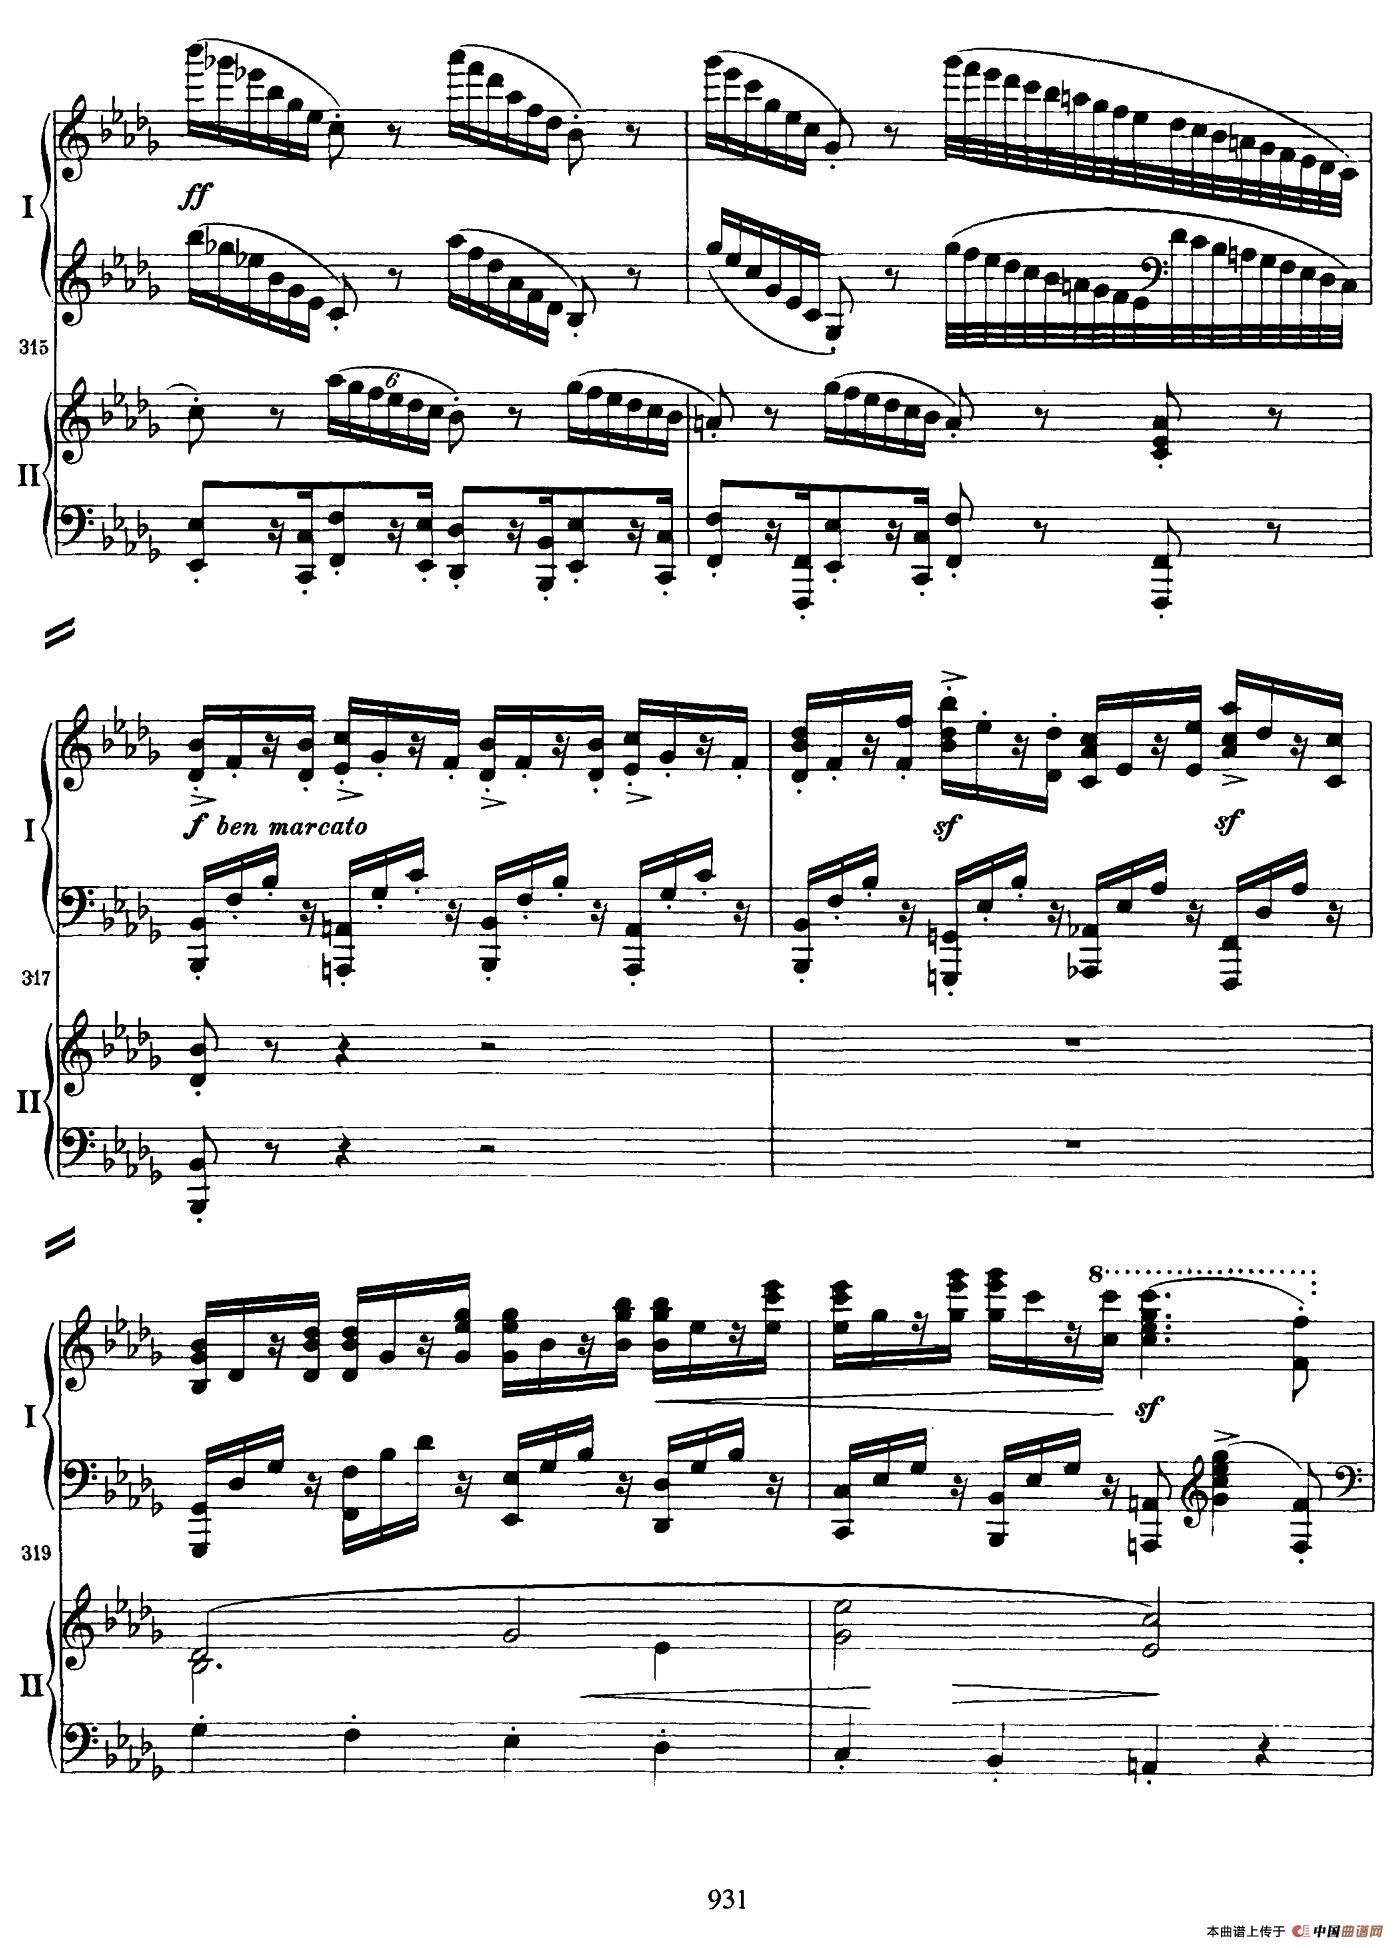 降B大调第二钢琴协奏曲 (P31――40)(1)_原文件名:033.jpg